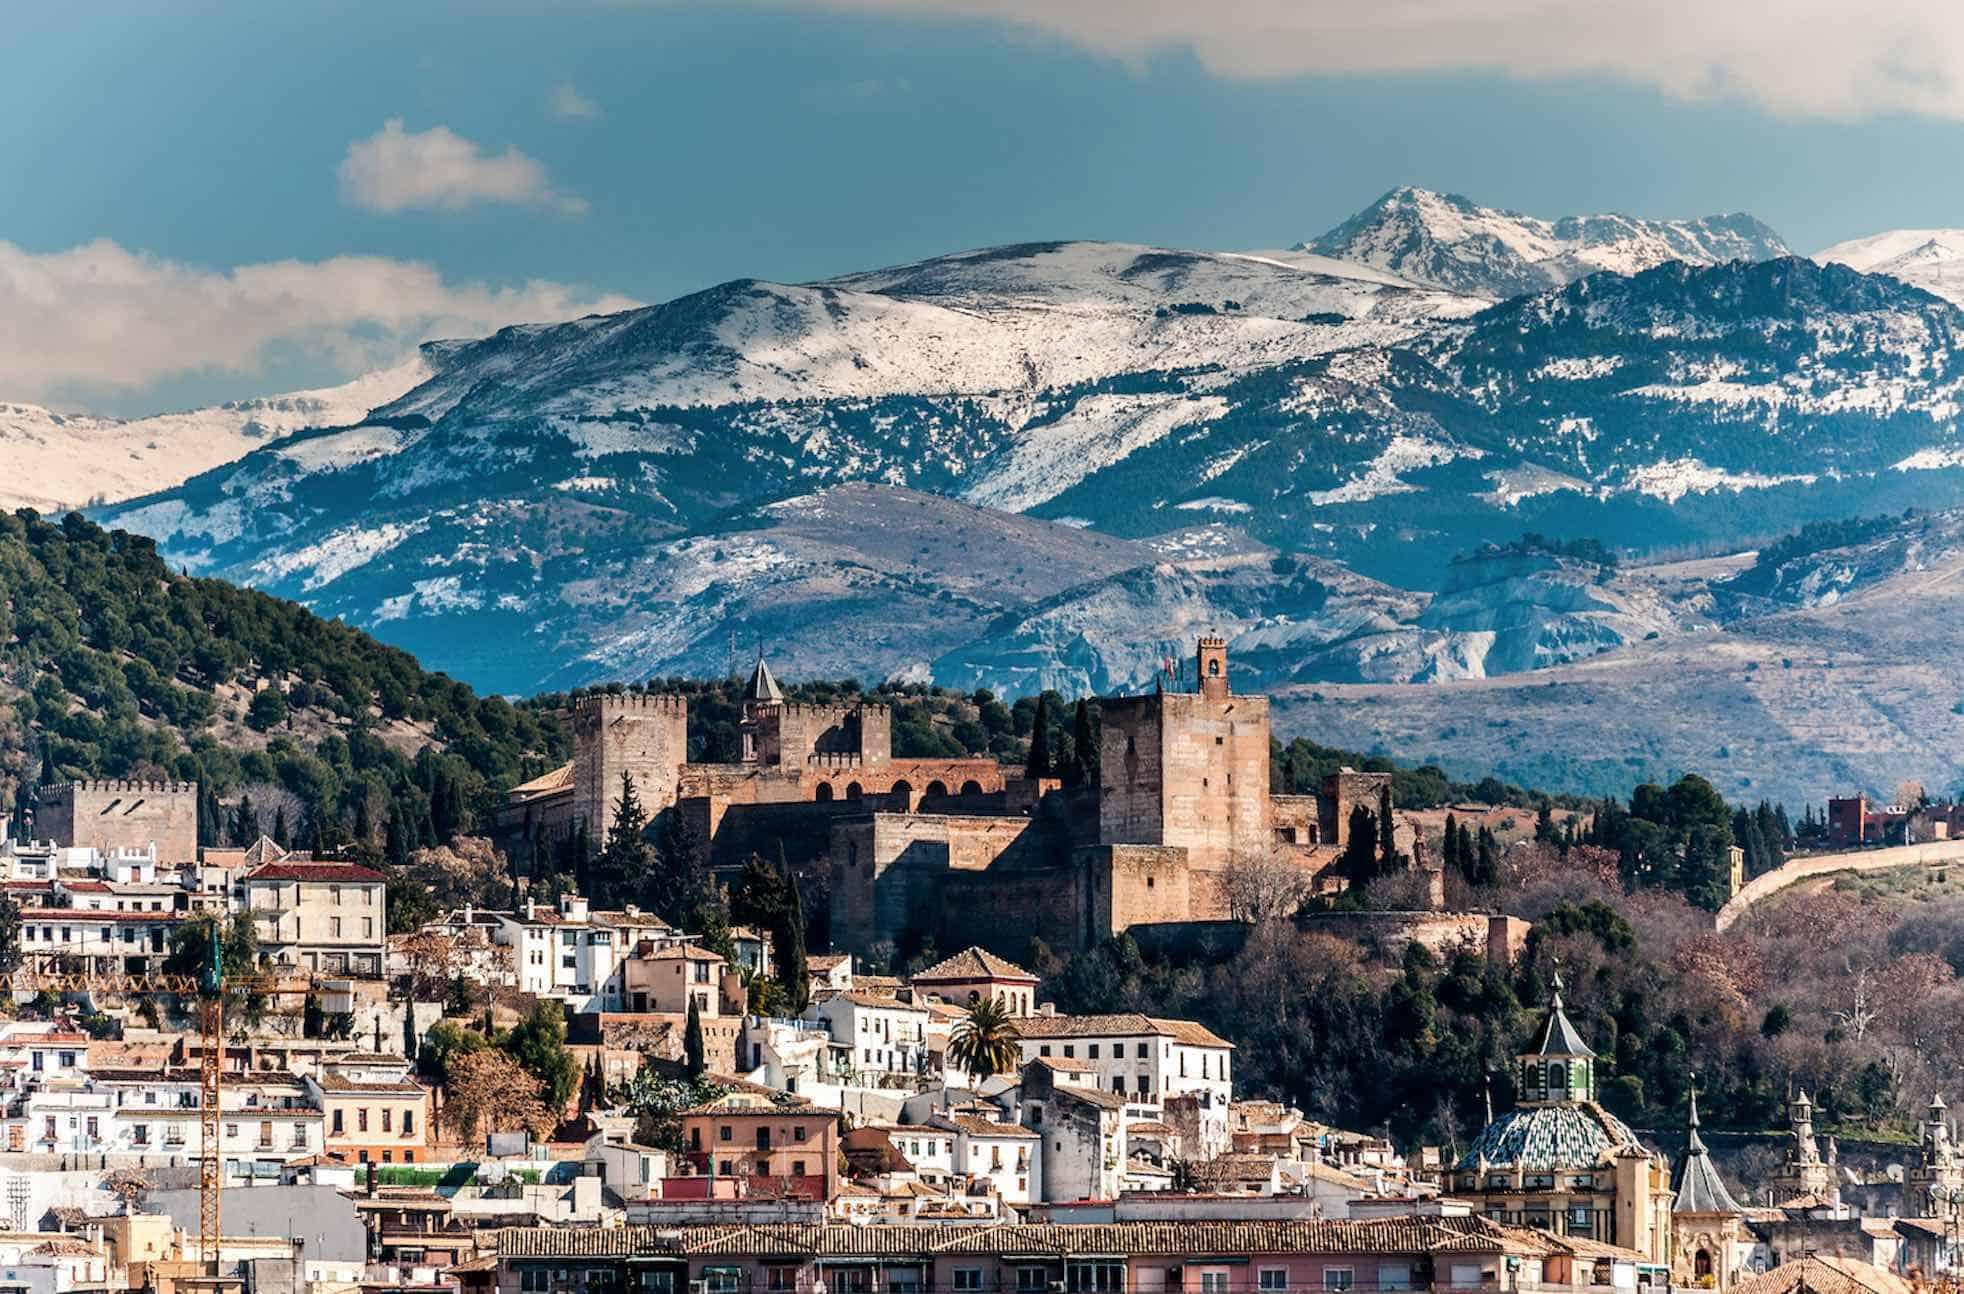 افضل 7 من فنادق غرناطة اسبانيا الموصى بها 2020